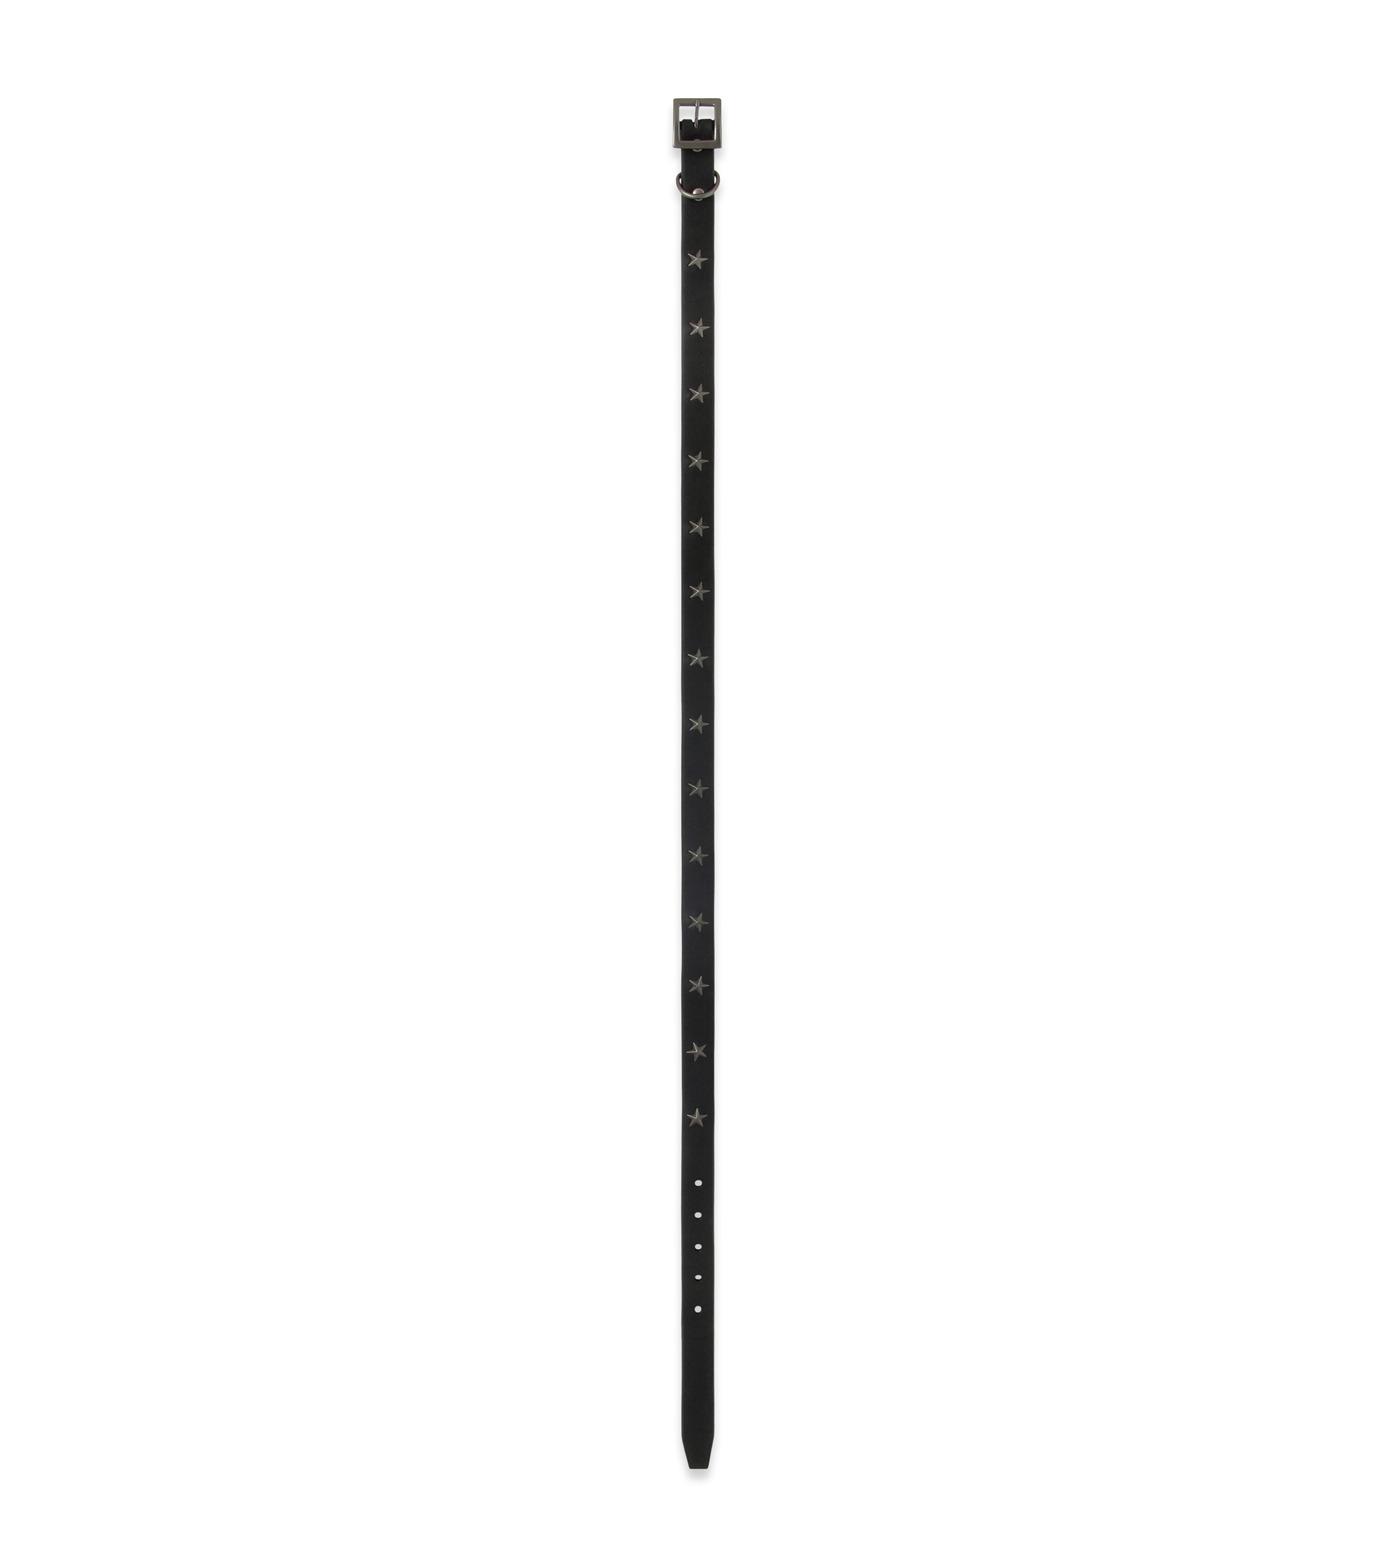 HL HEDDIE LOVU(エイチエル・エディールーヴ)のSaddle STAR BELT-BLACK(ベルト/belt)-16A90005-13 拡大詳細画像2